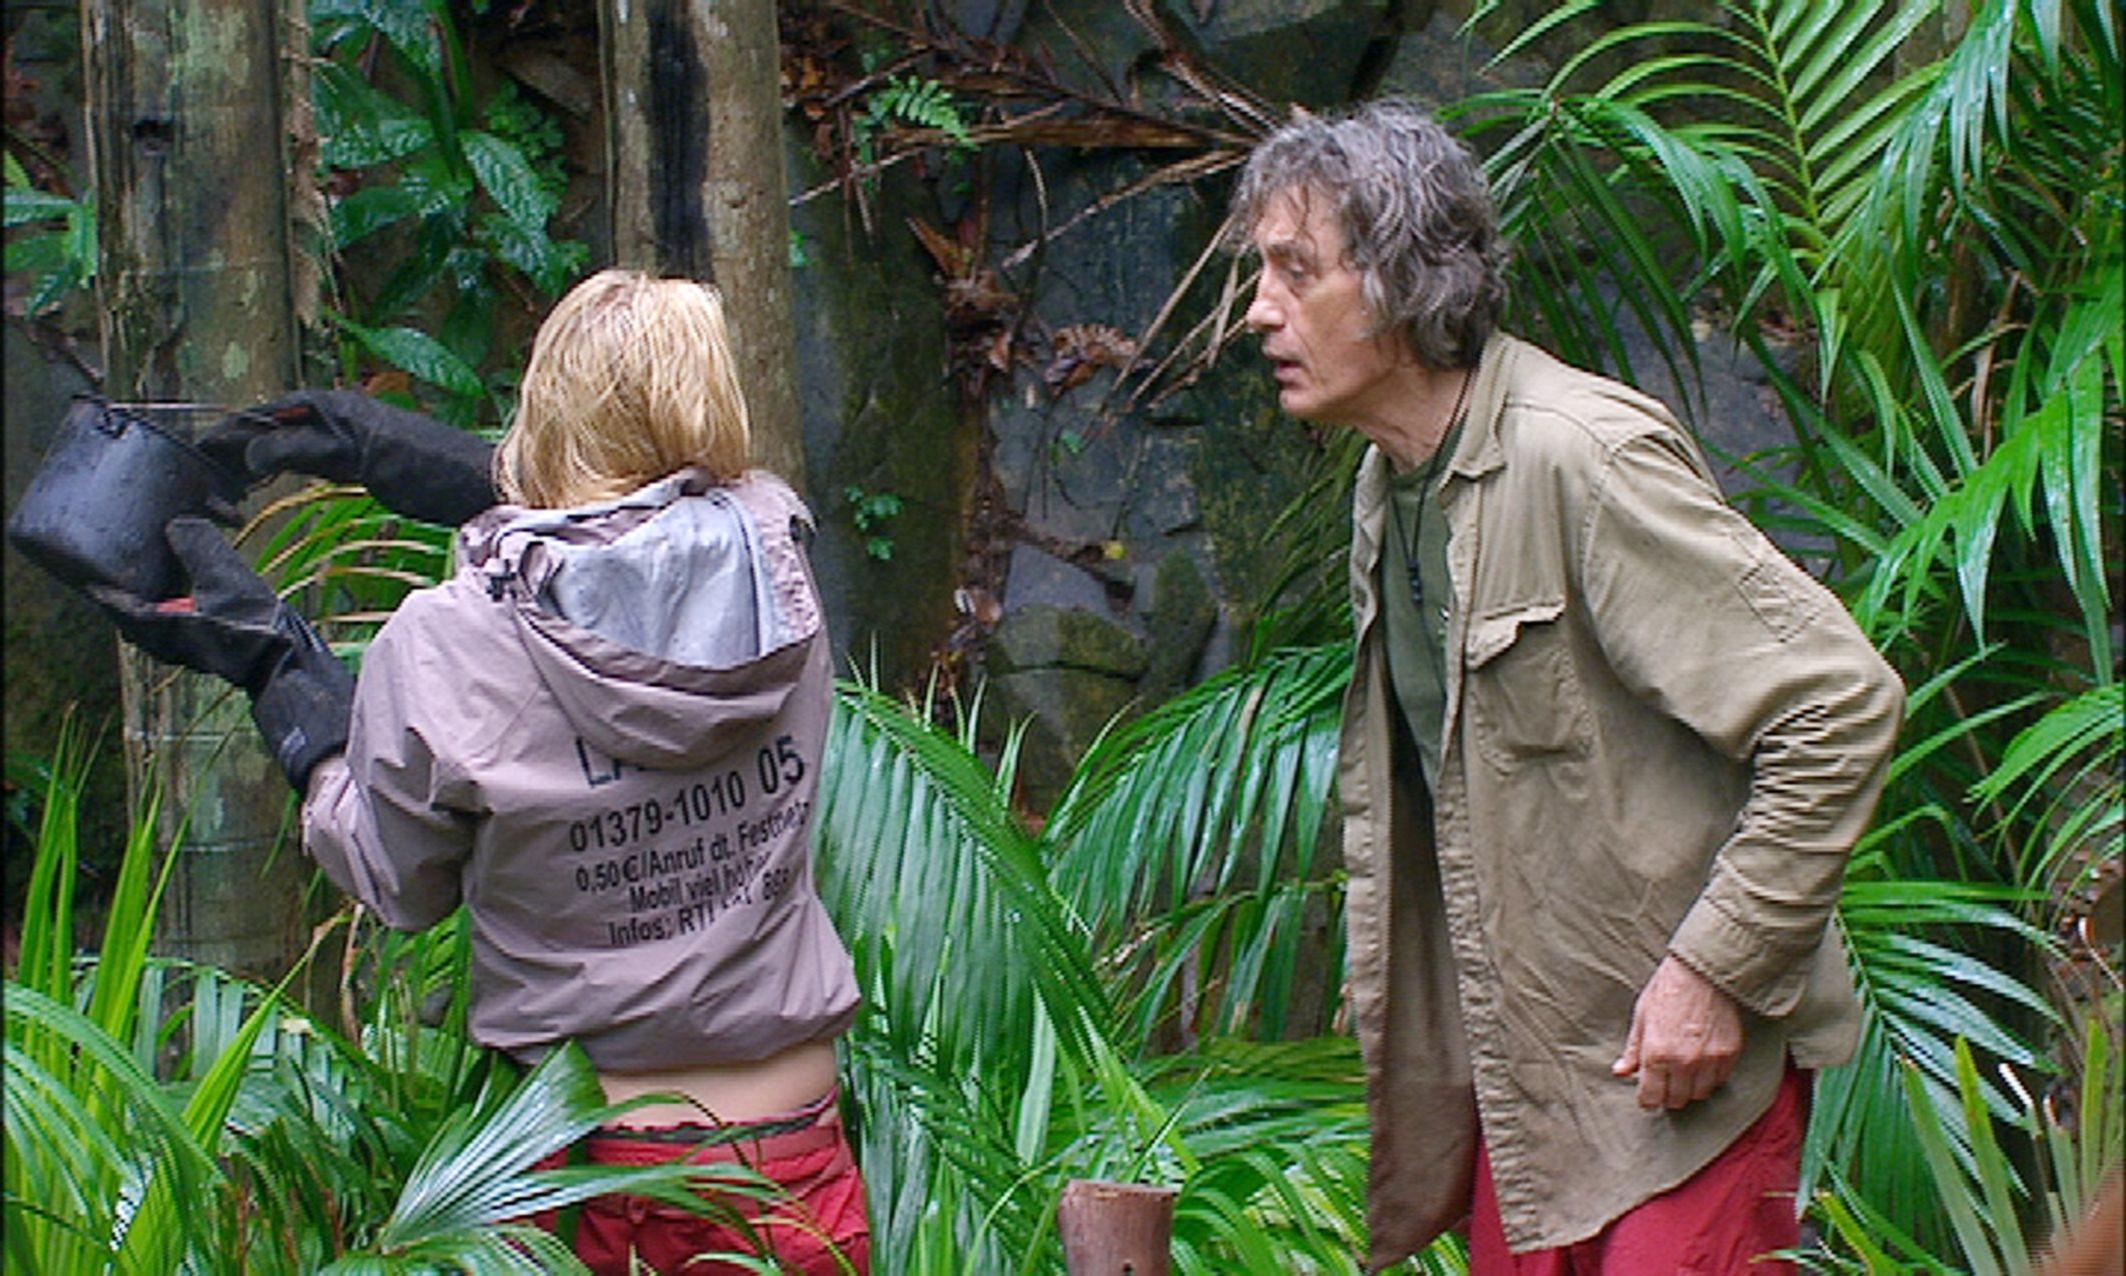 Dschungelcamp - Melanie und Winfried streiten